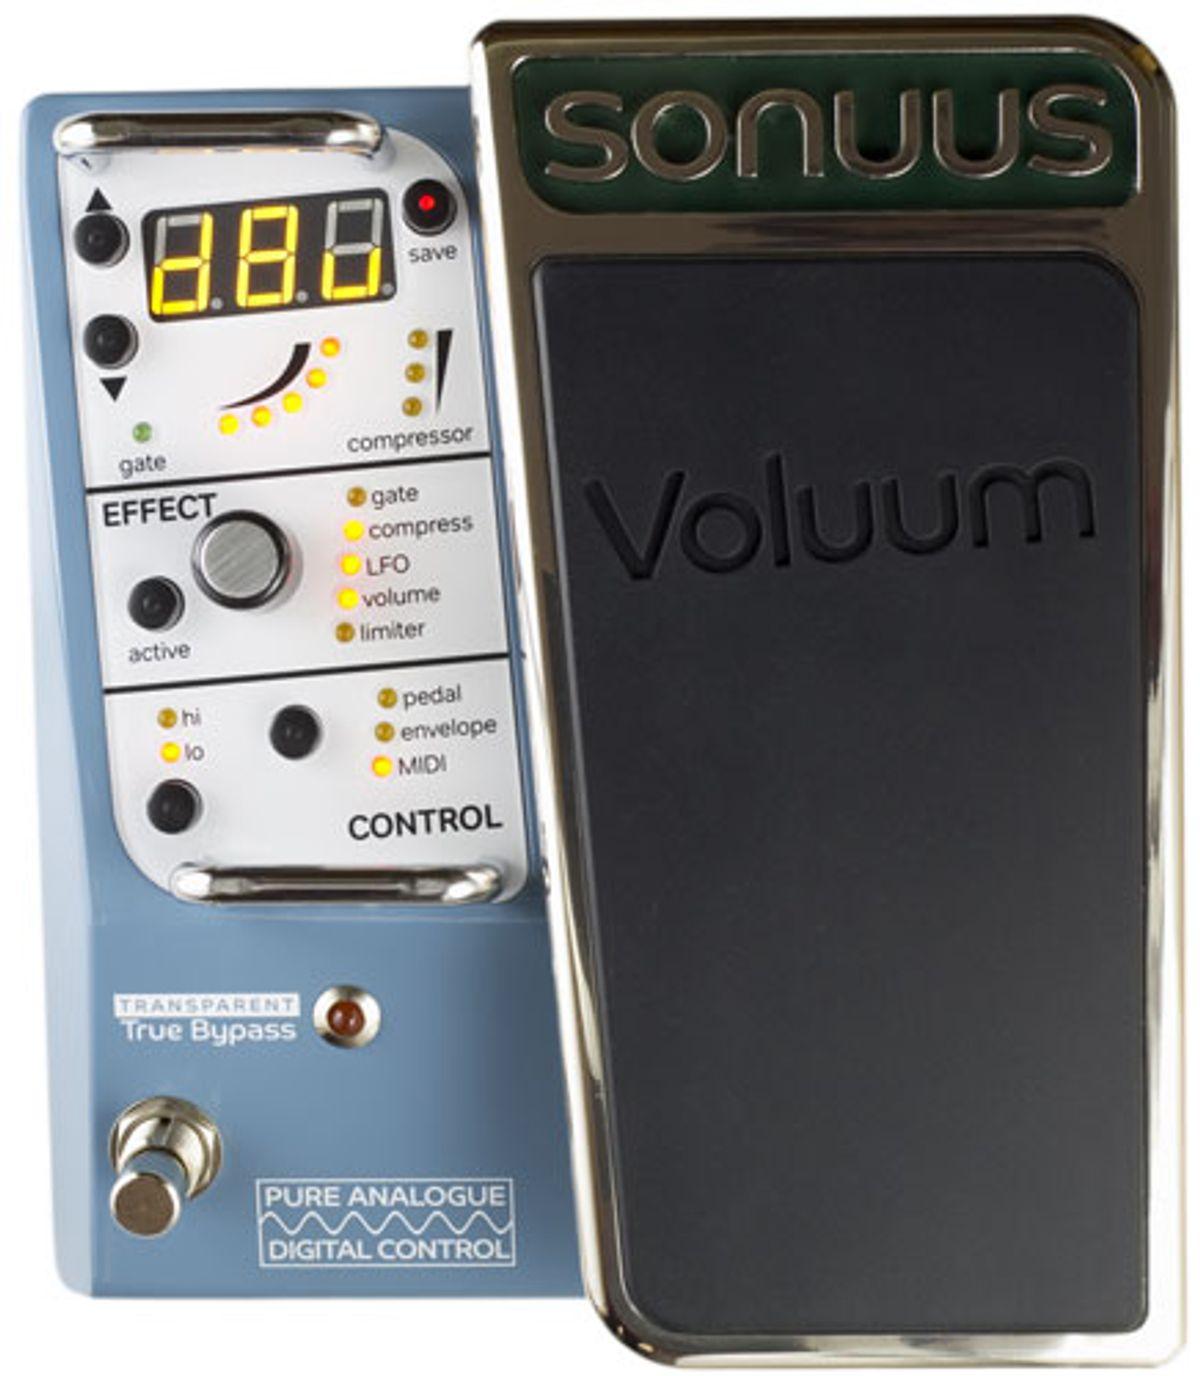 Sonuus Introduces the Voluum Volume Pedal